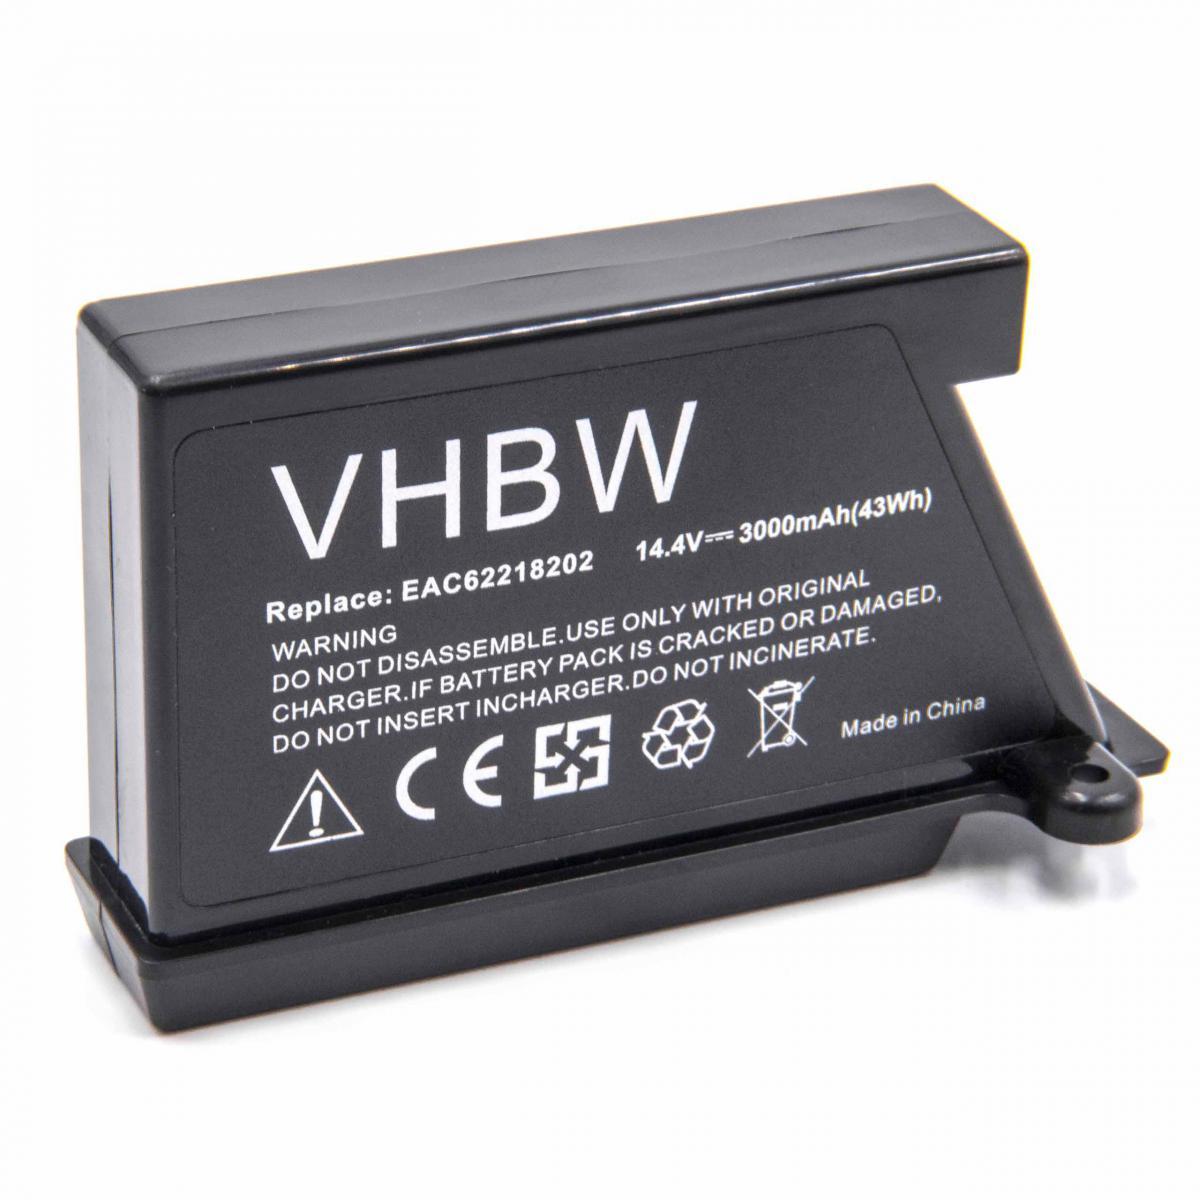 Vhbw vhbw Batterie compatible avec LG HOM-BOT VR5001HS, VR5901KL, VR5902KL, VR5902LV robot électroménager (3000mAh, 14,4V, Li